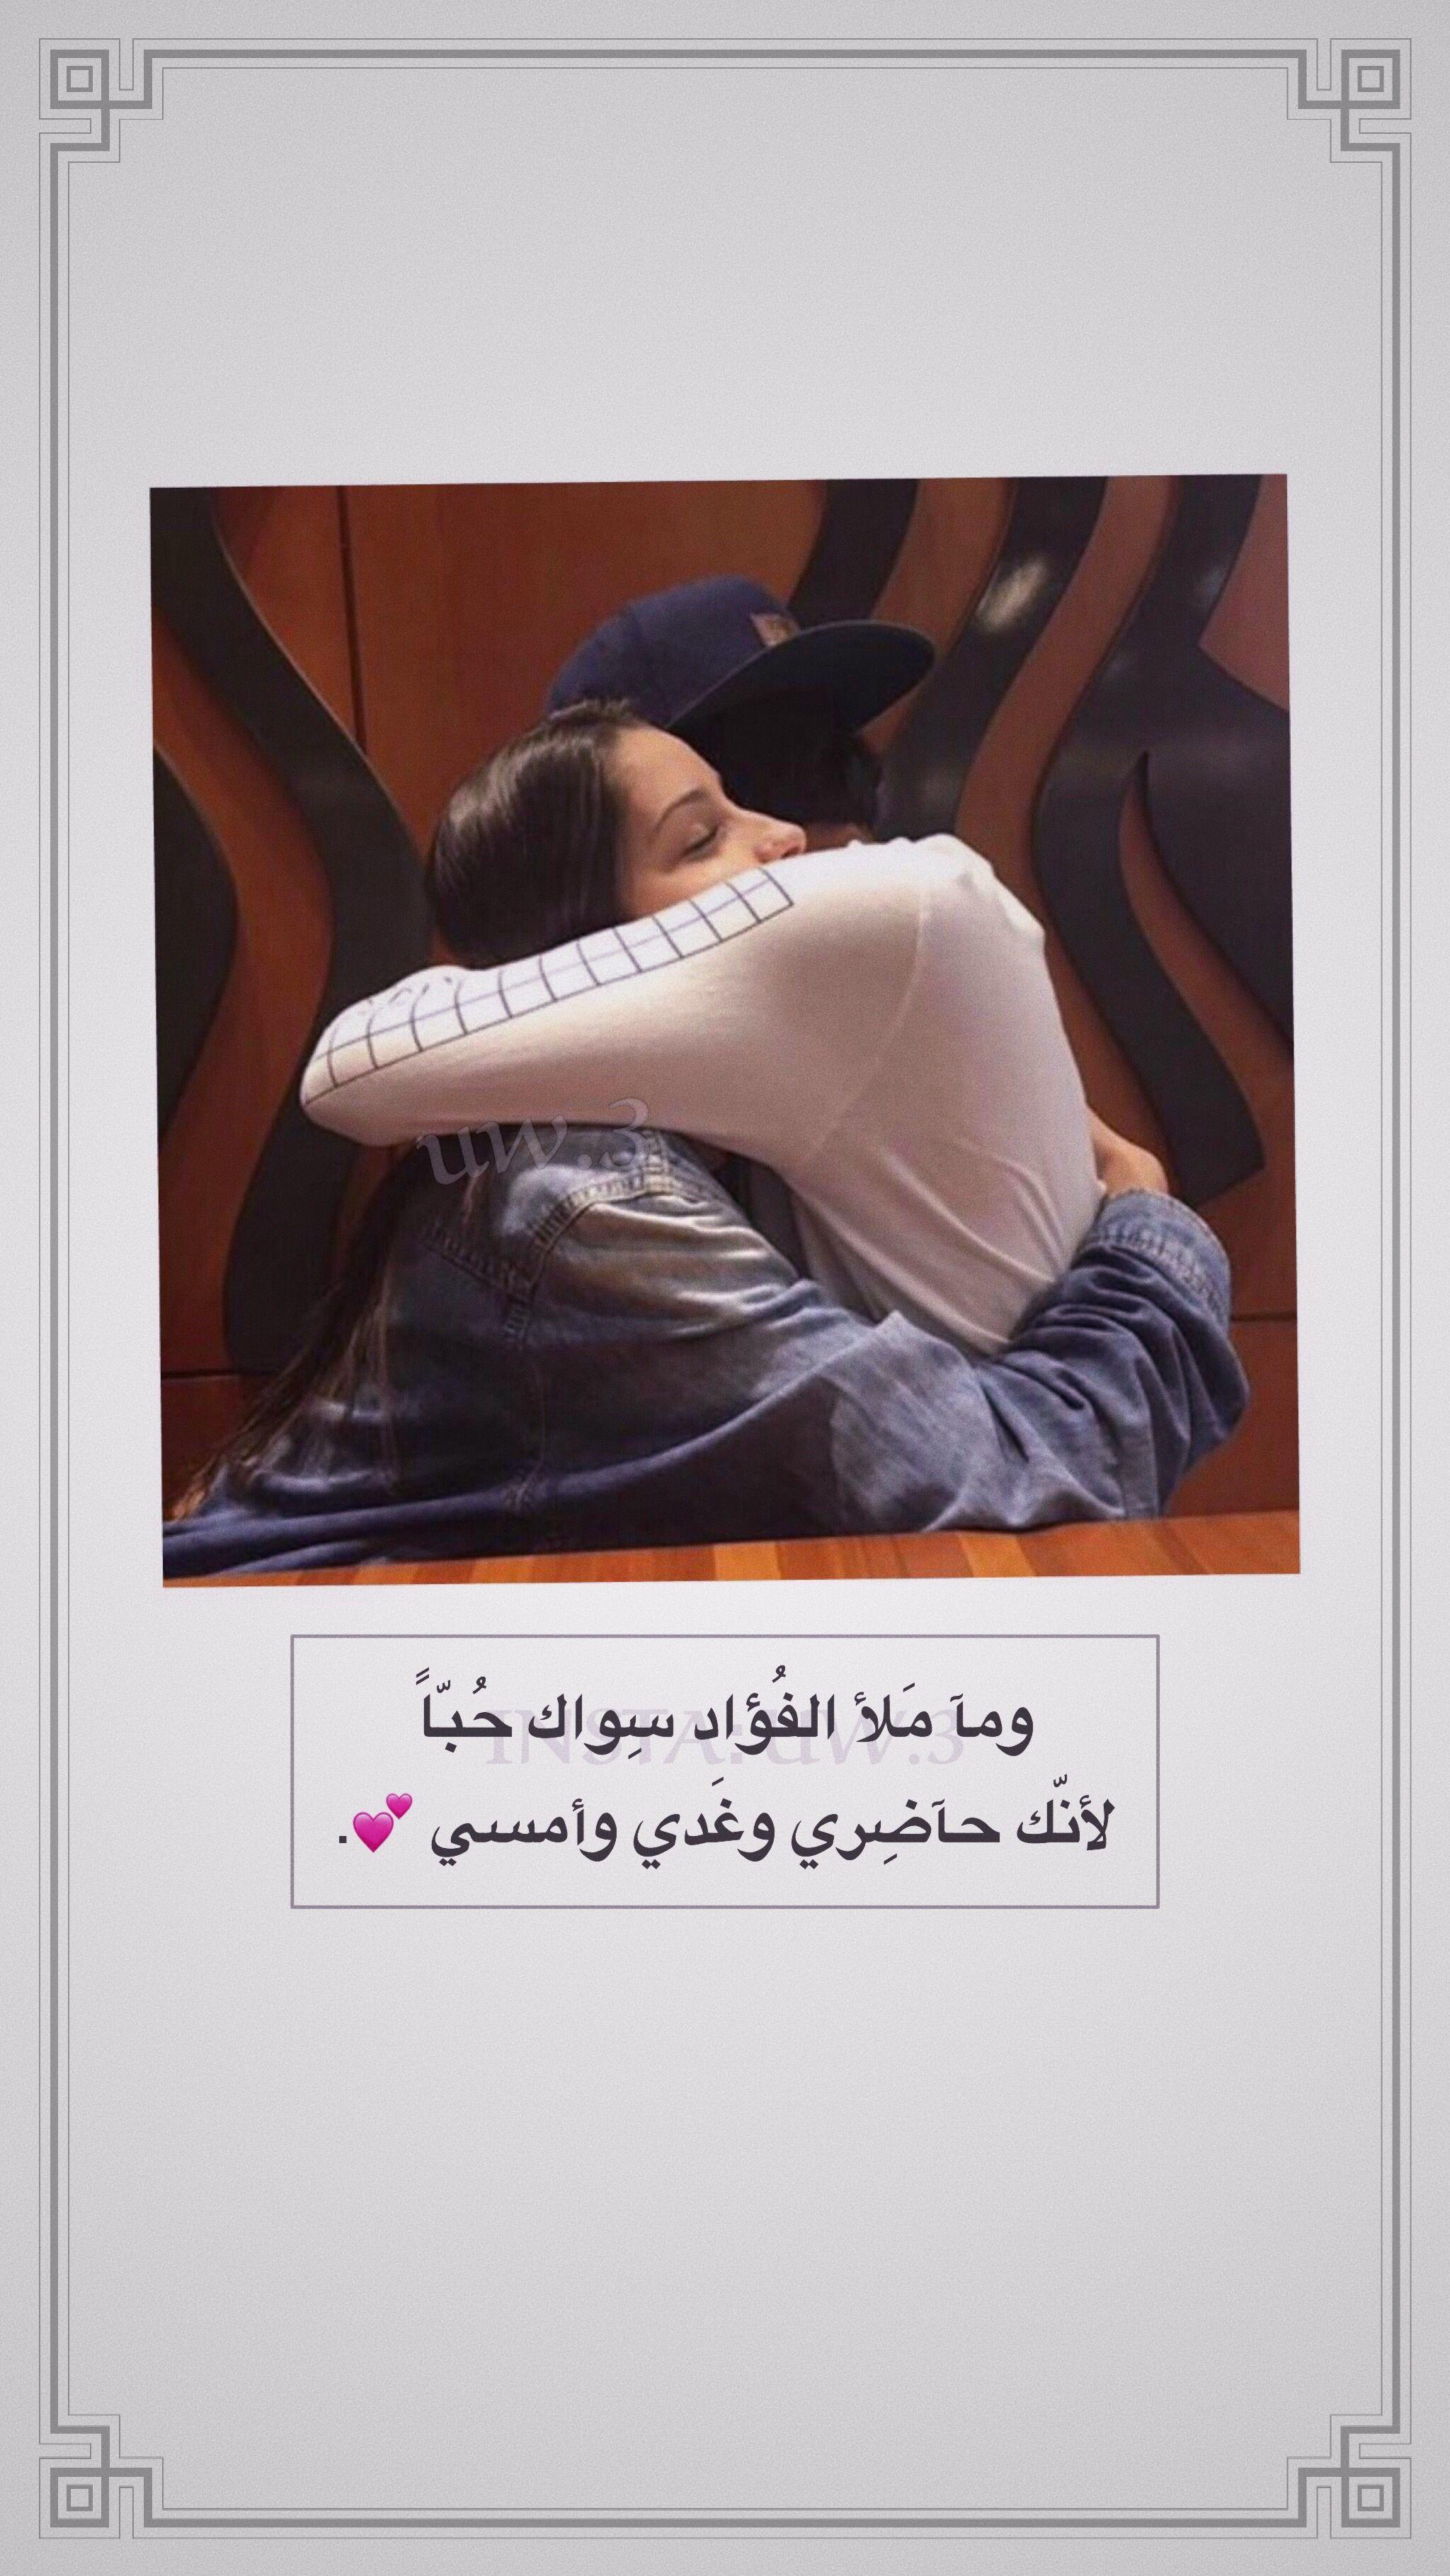 بنات صور جميلات سناب جات صور بنات رمزيات بنات رمزيات صور سناب Funny Arabic Quotes Life Quotes Arabic Love Quotes